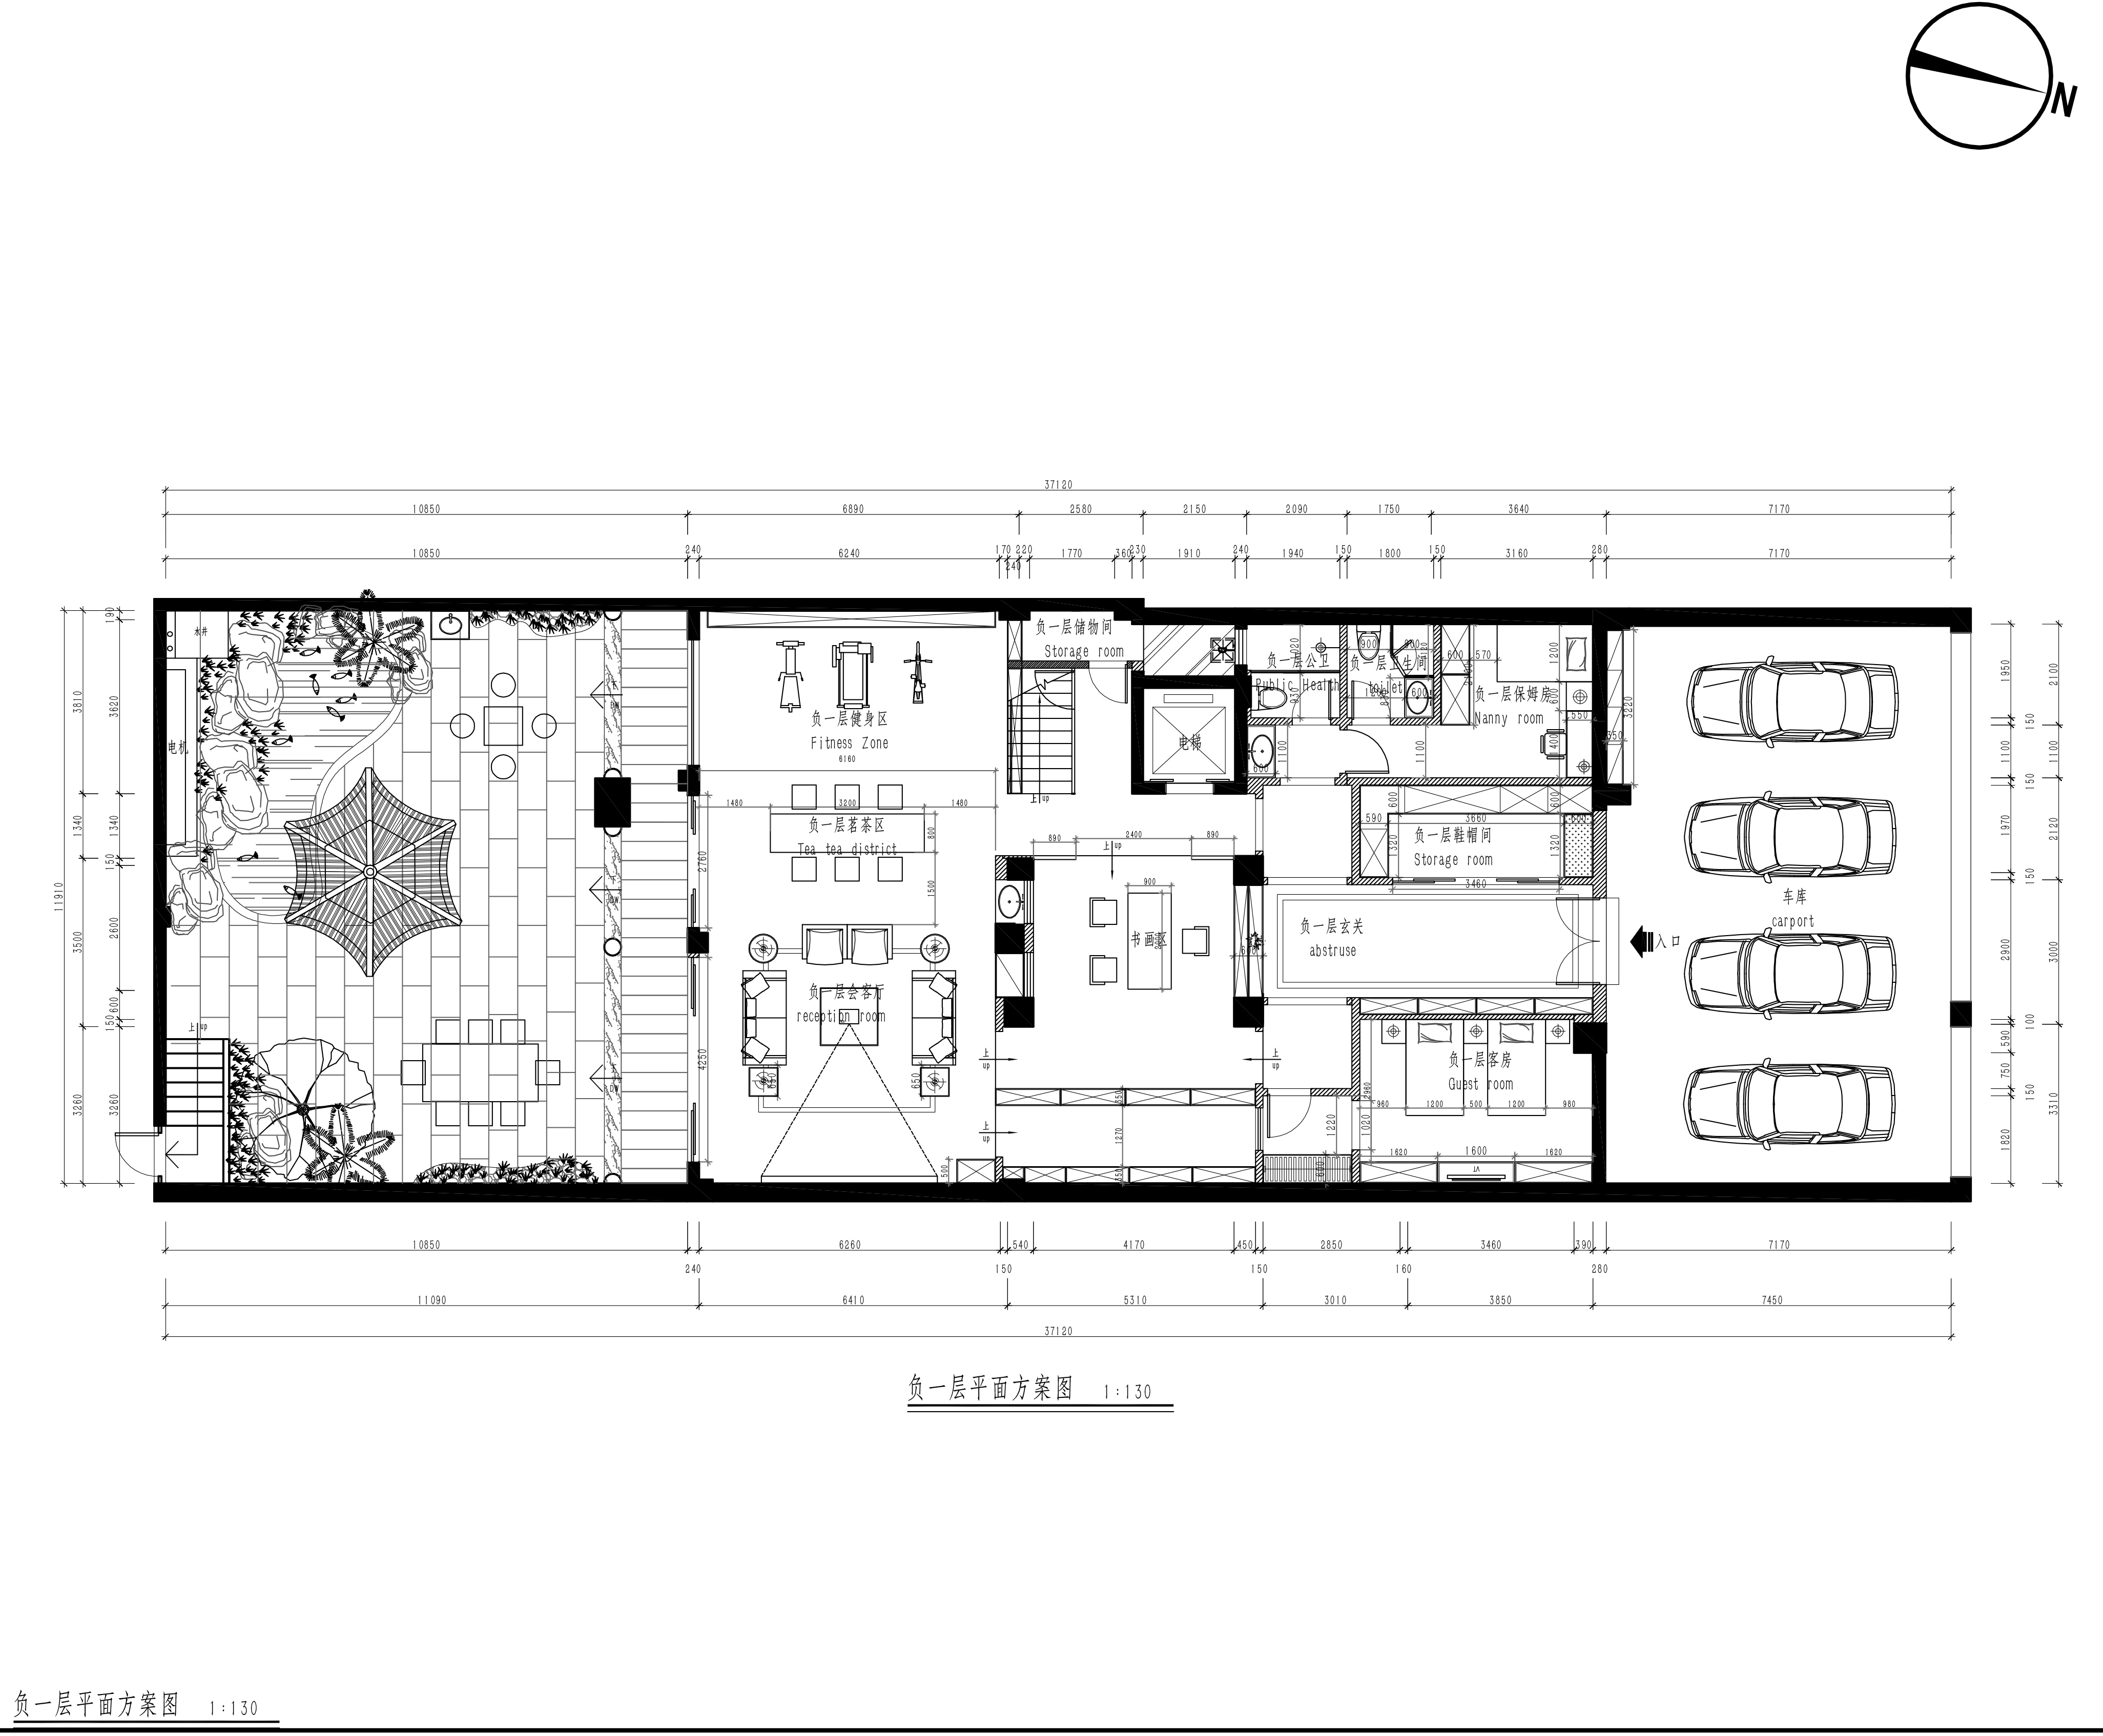 雍景湾别墅680平米简欧混搭风格装修效果图装修设计理念